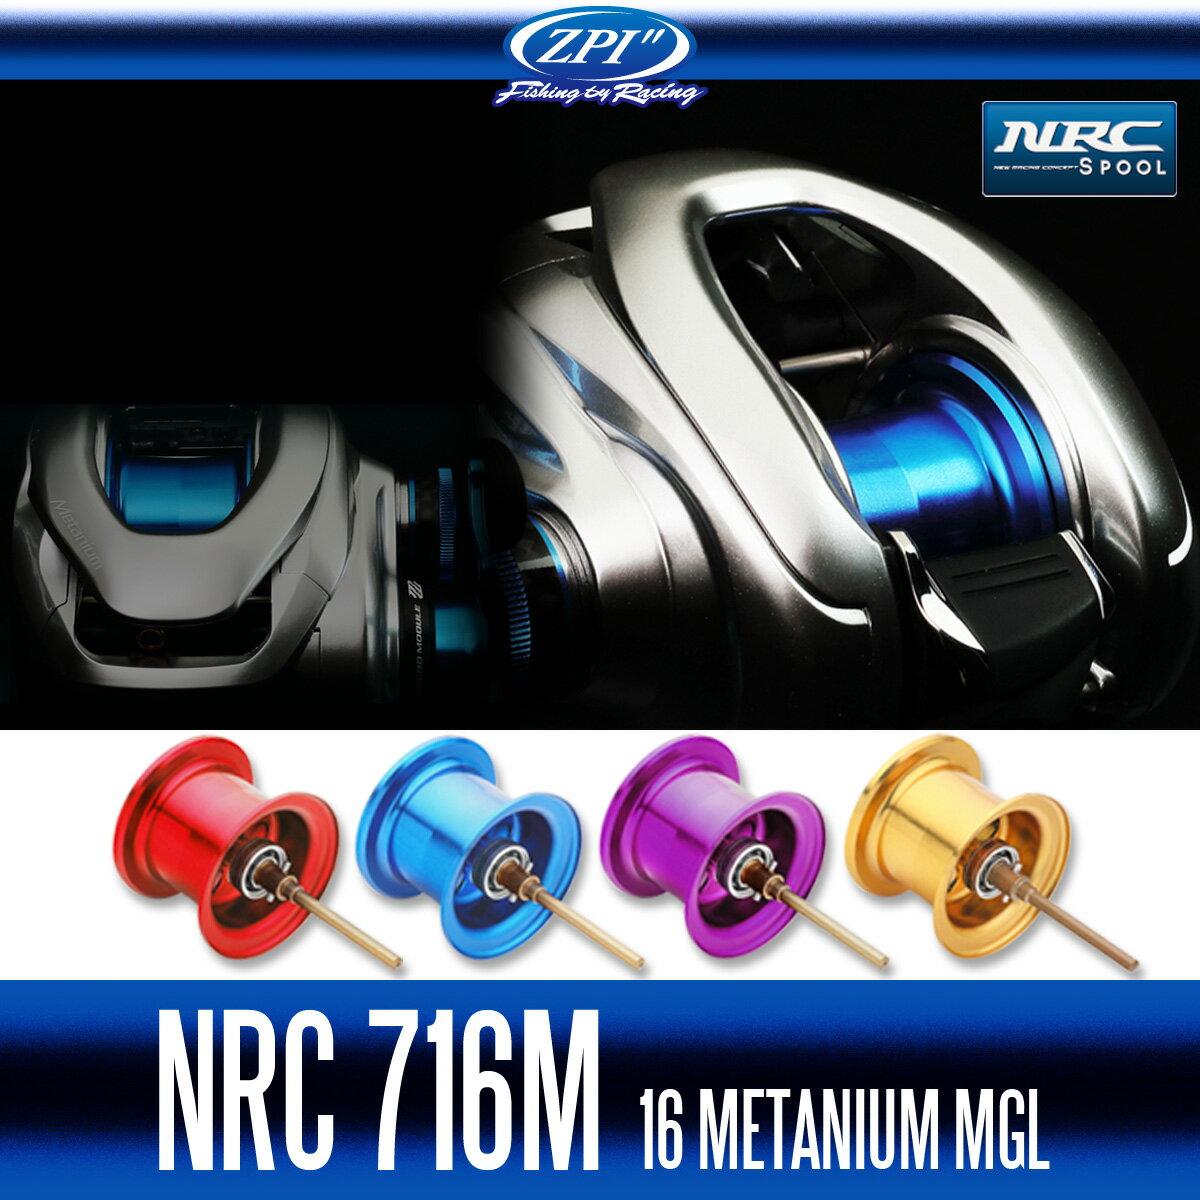 【ZPI】 シマノ 16メタニウムMGL用 NRC716M スプール